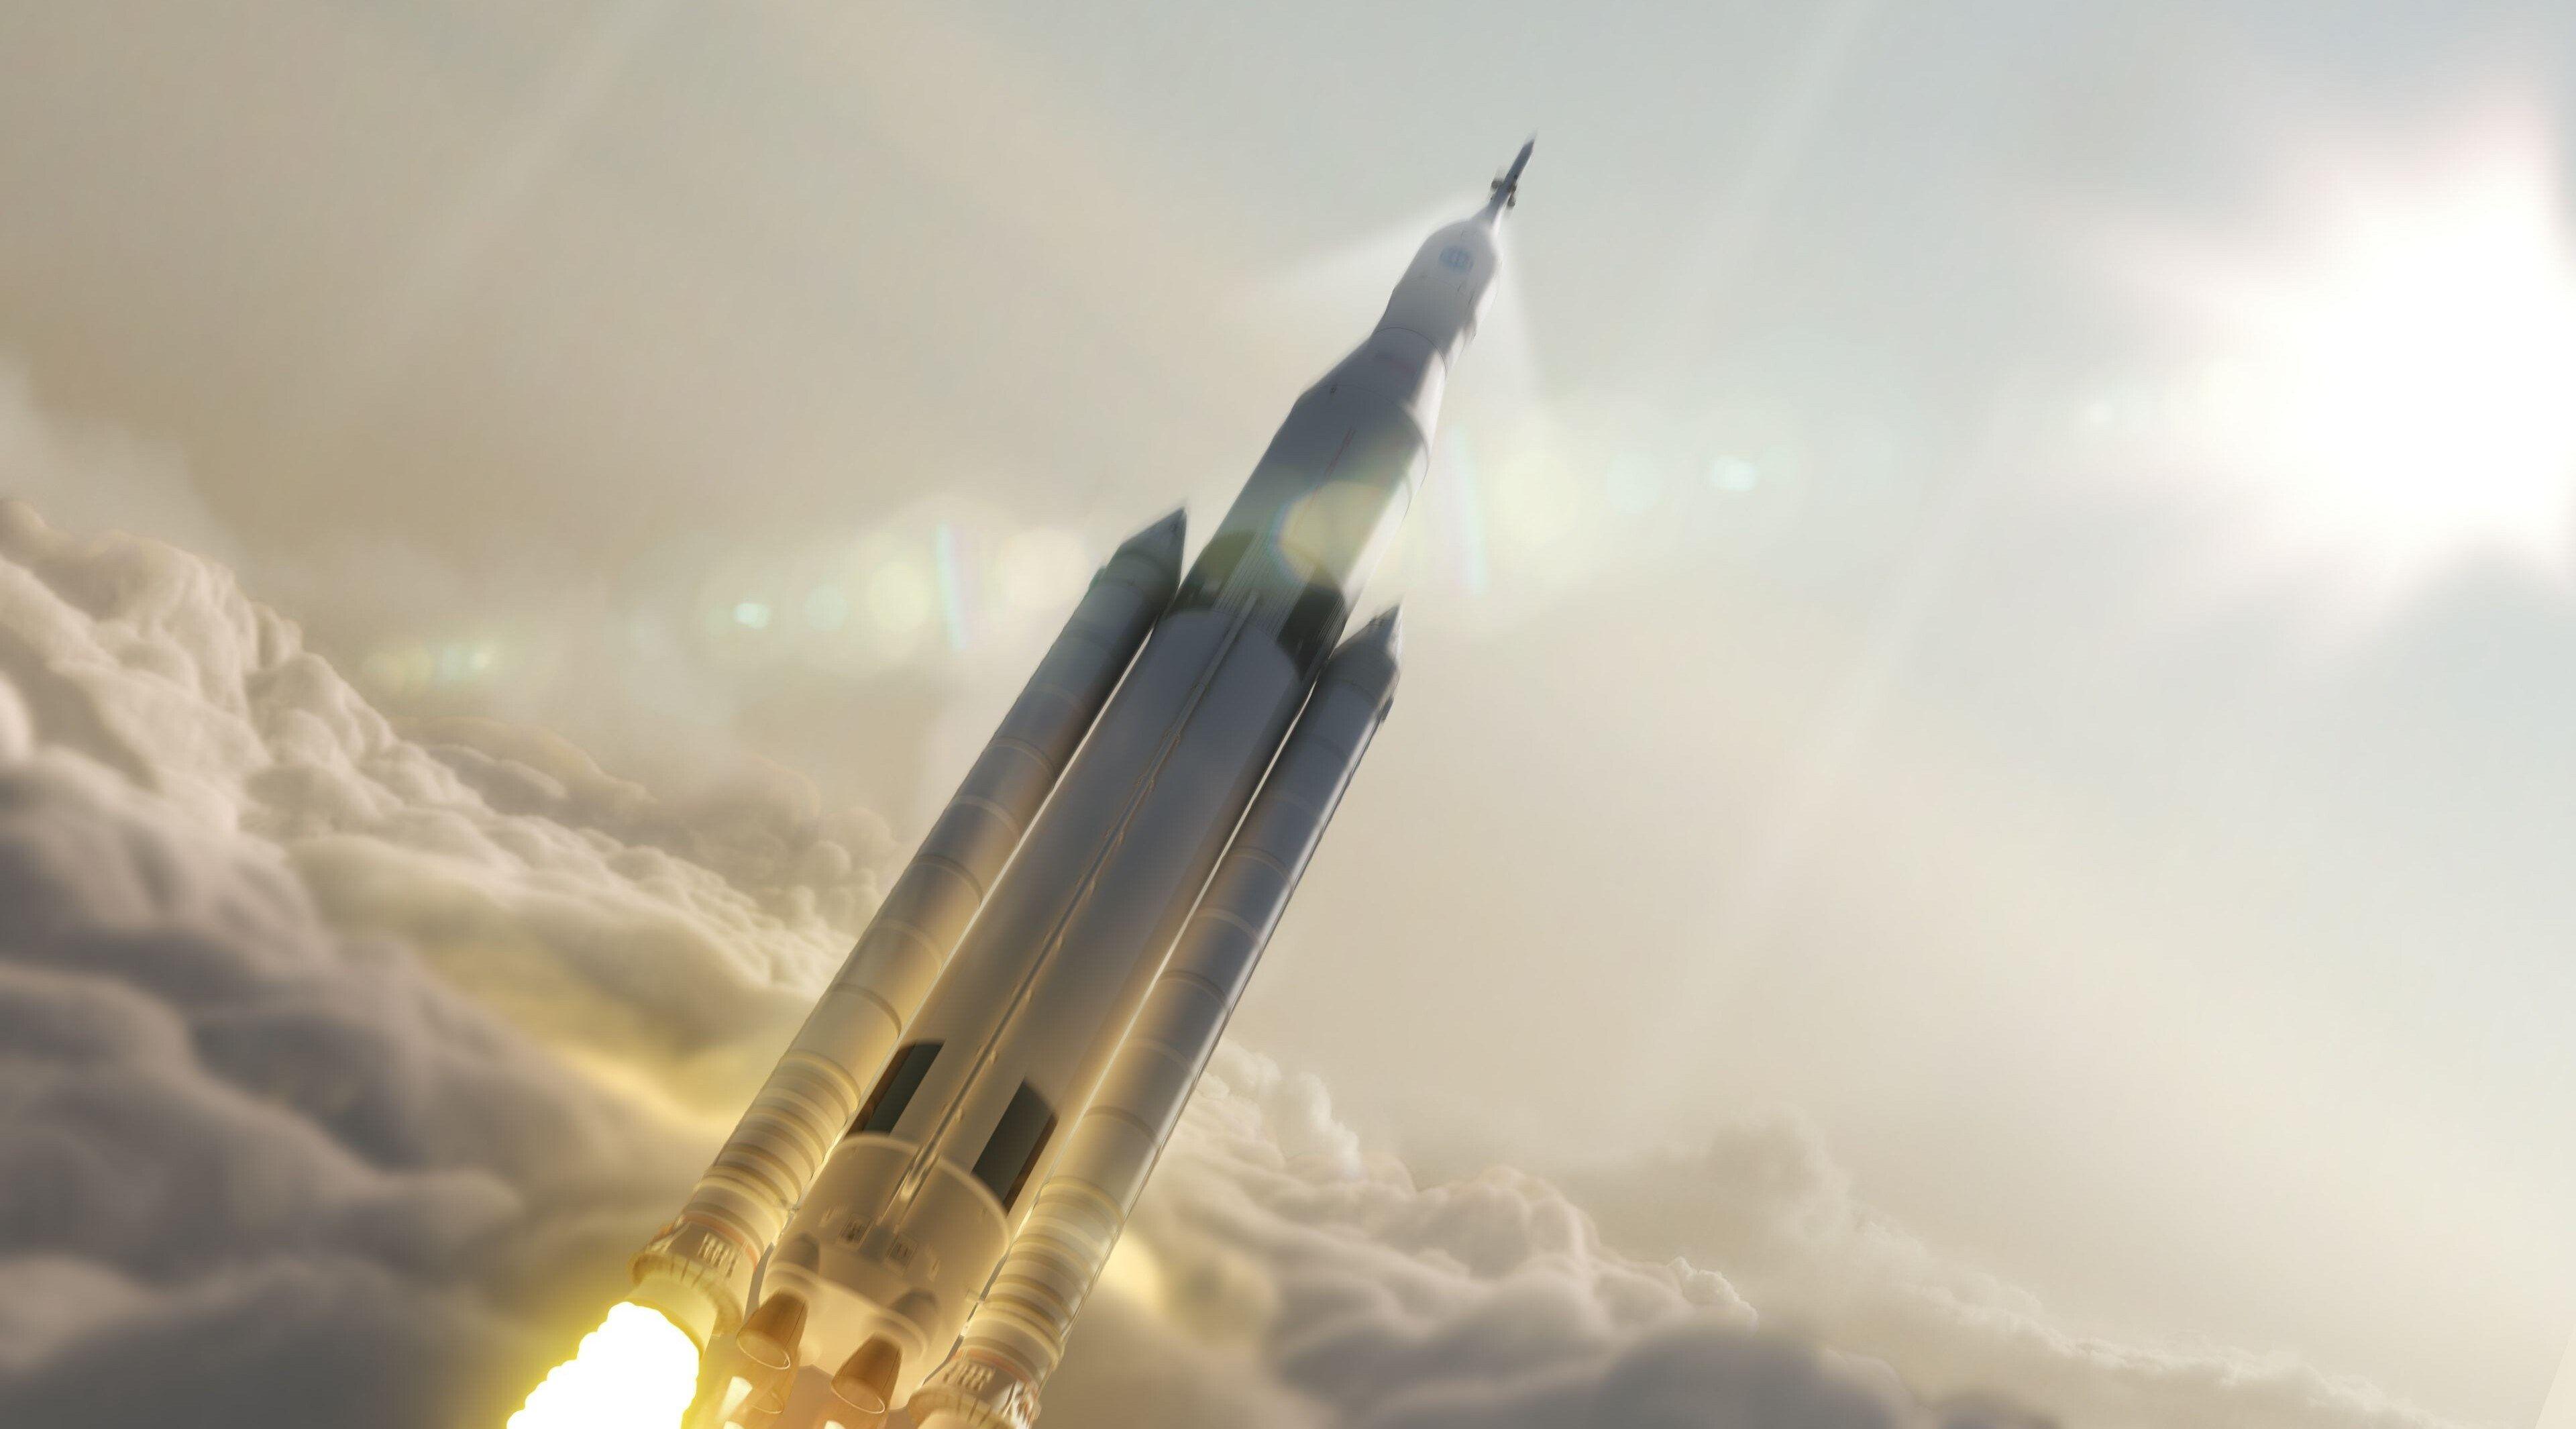 3840x2130 Spacex 4k Top Computer Wallpaper Ruimtevaart Ruimteschepen Planeten